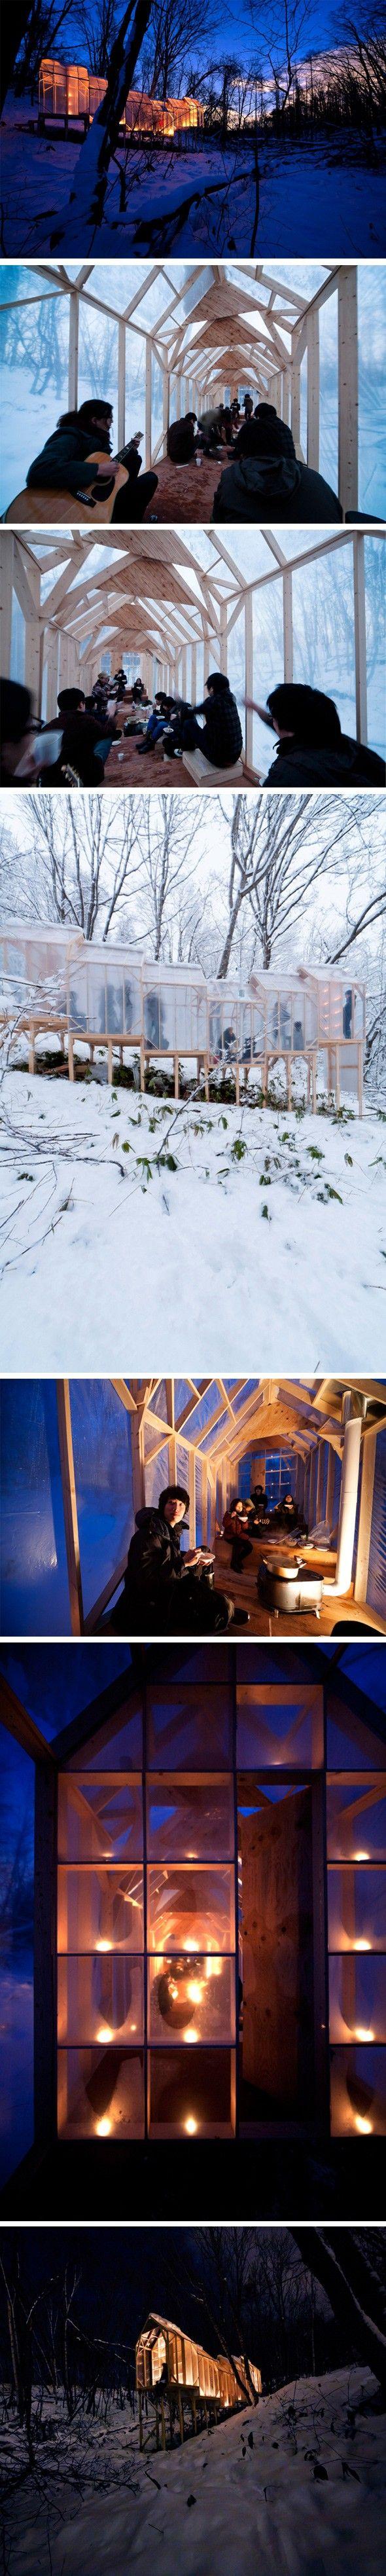 Hidemi Nishida signe cette petite cabane temporaire dans une forêt en plein hiver. Il amène les gens à se recueillir et à réapprendre à apprécier le silence et la symbiose avec la nature. Mais pas seulement, cette belle structure en bois est également utilisée pour des activités hivernales entre amis à l'abris du froid dans un espace confortable.